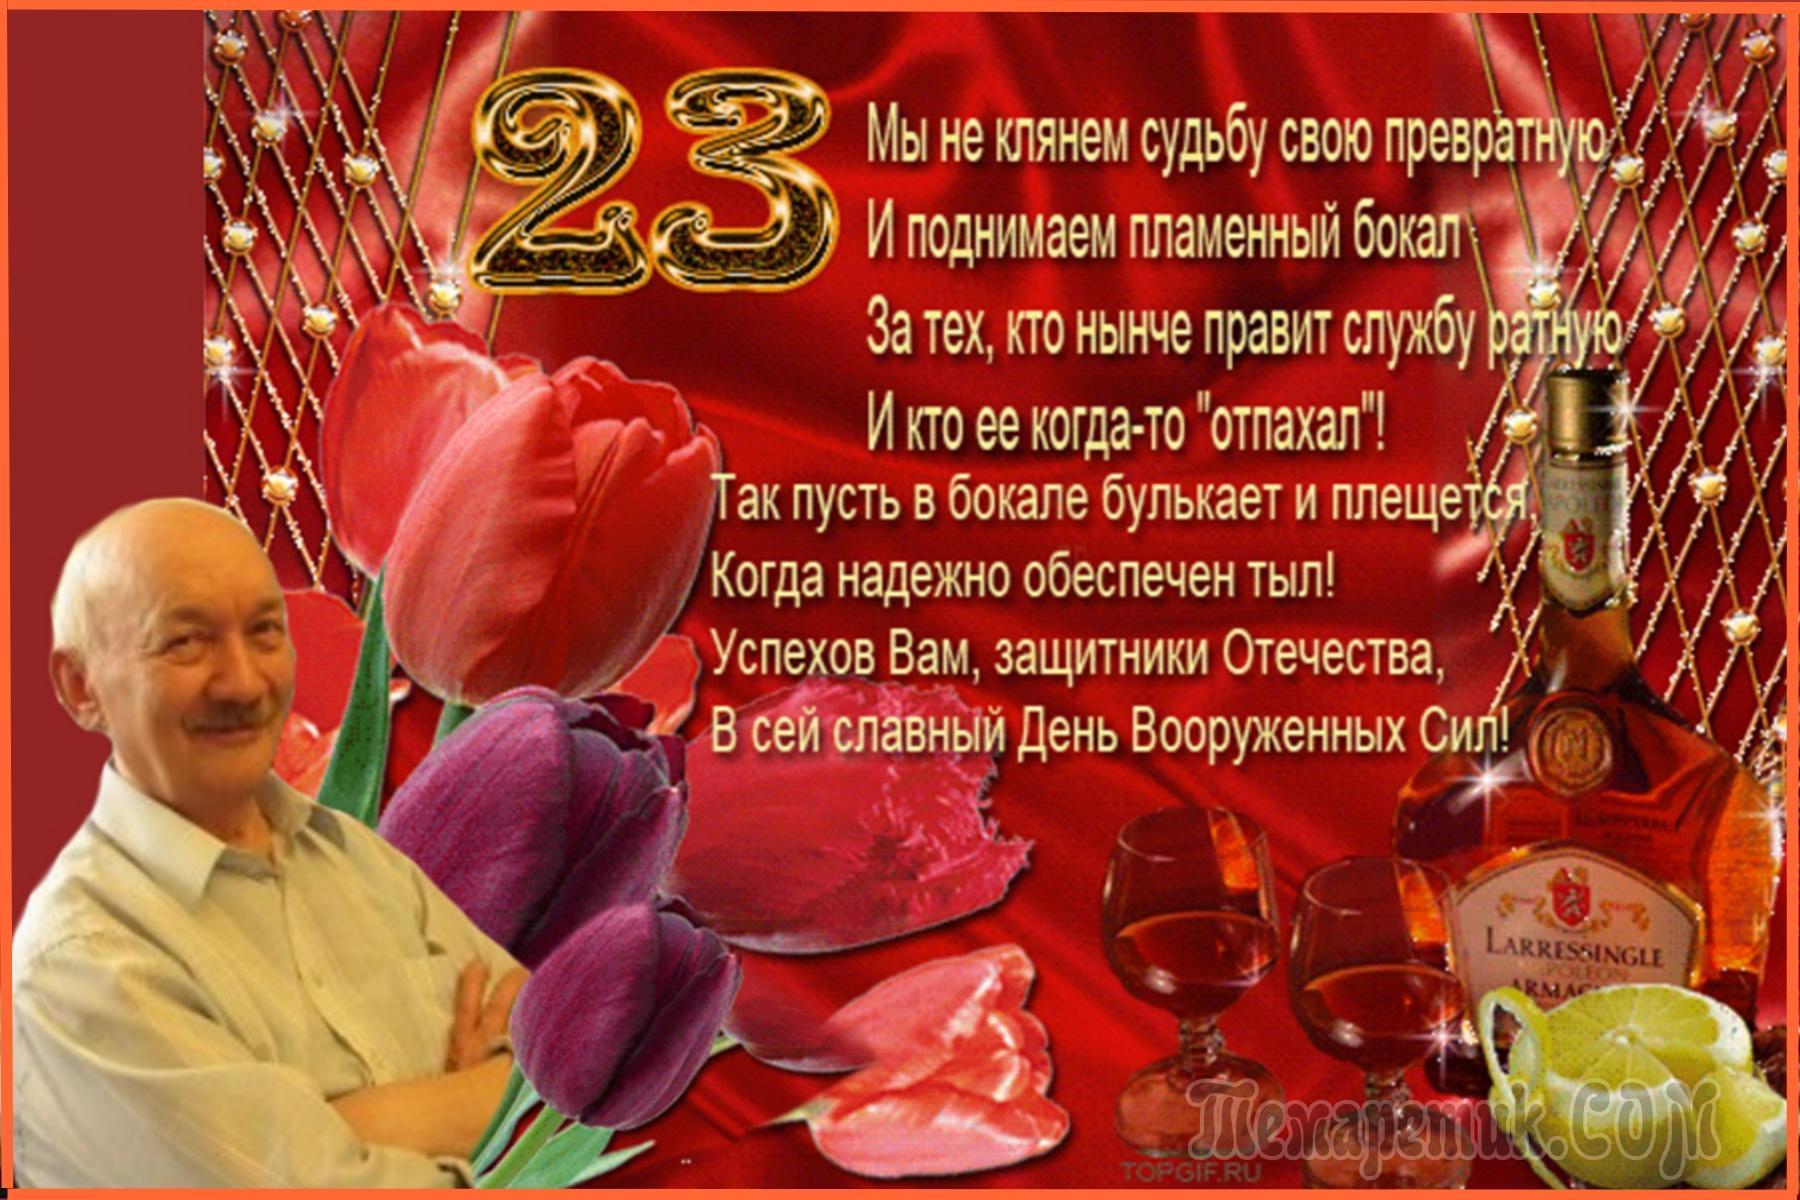 Картинки С 23 февраля - открытки для поздравления